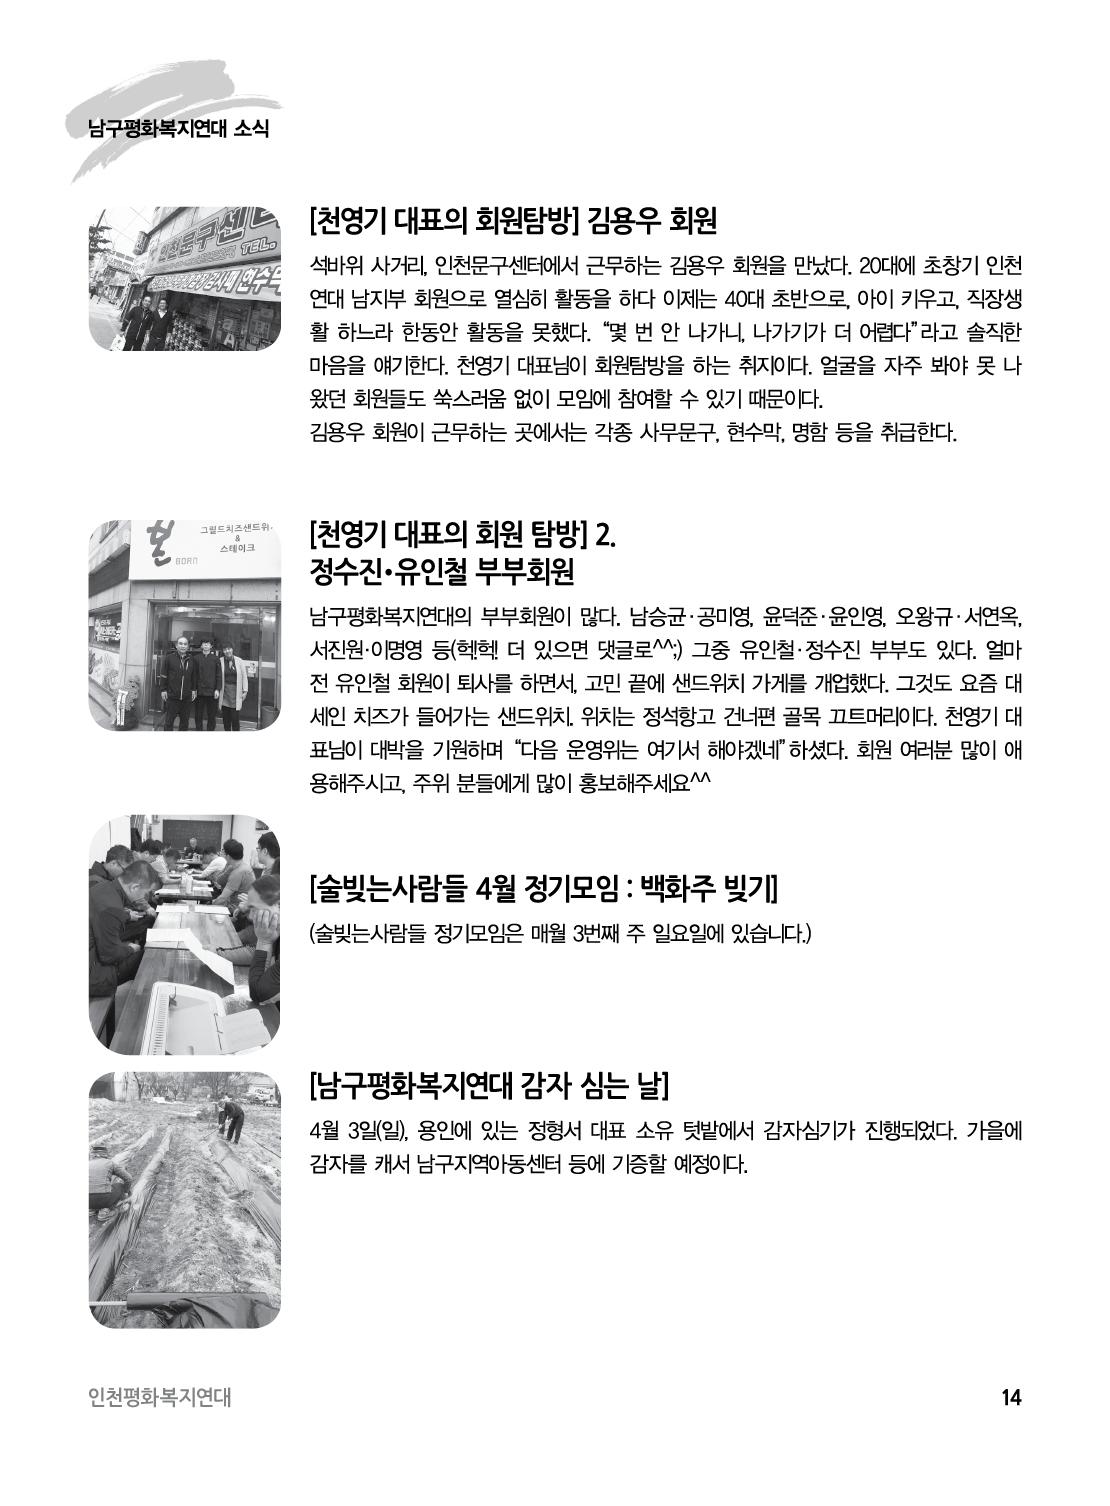 아웃라인 인천평화복지연대 소식지창간준비3호14.jpg